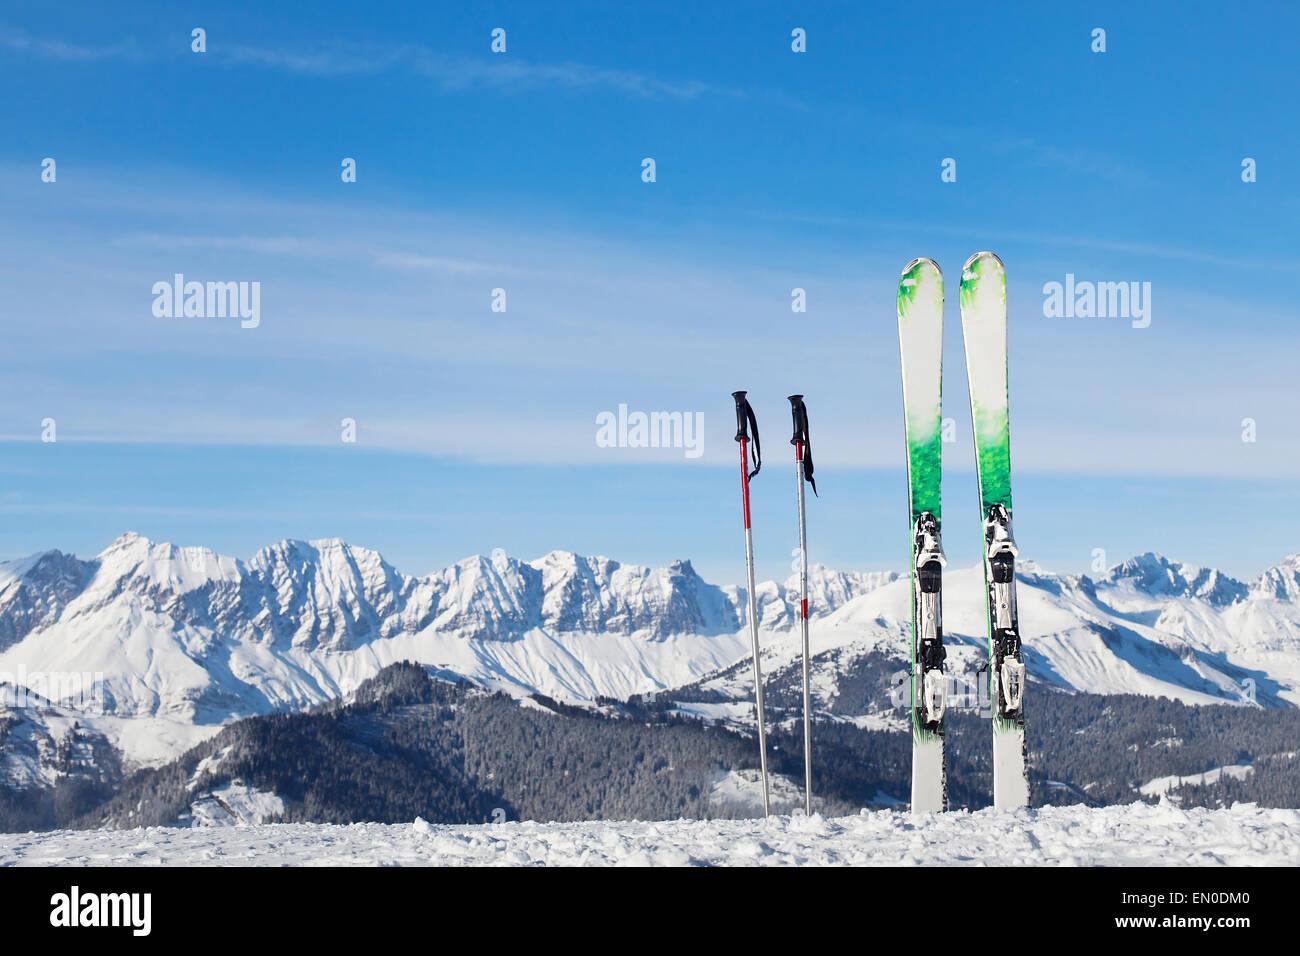 Esquí en los Alpes, listo para las vacaciones de invierno Imagen De Stock